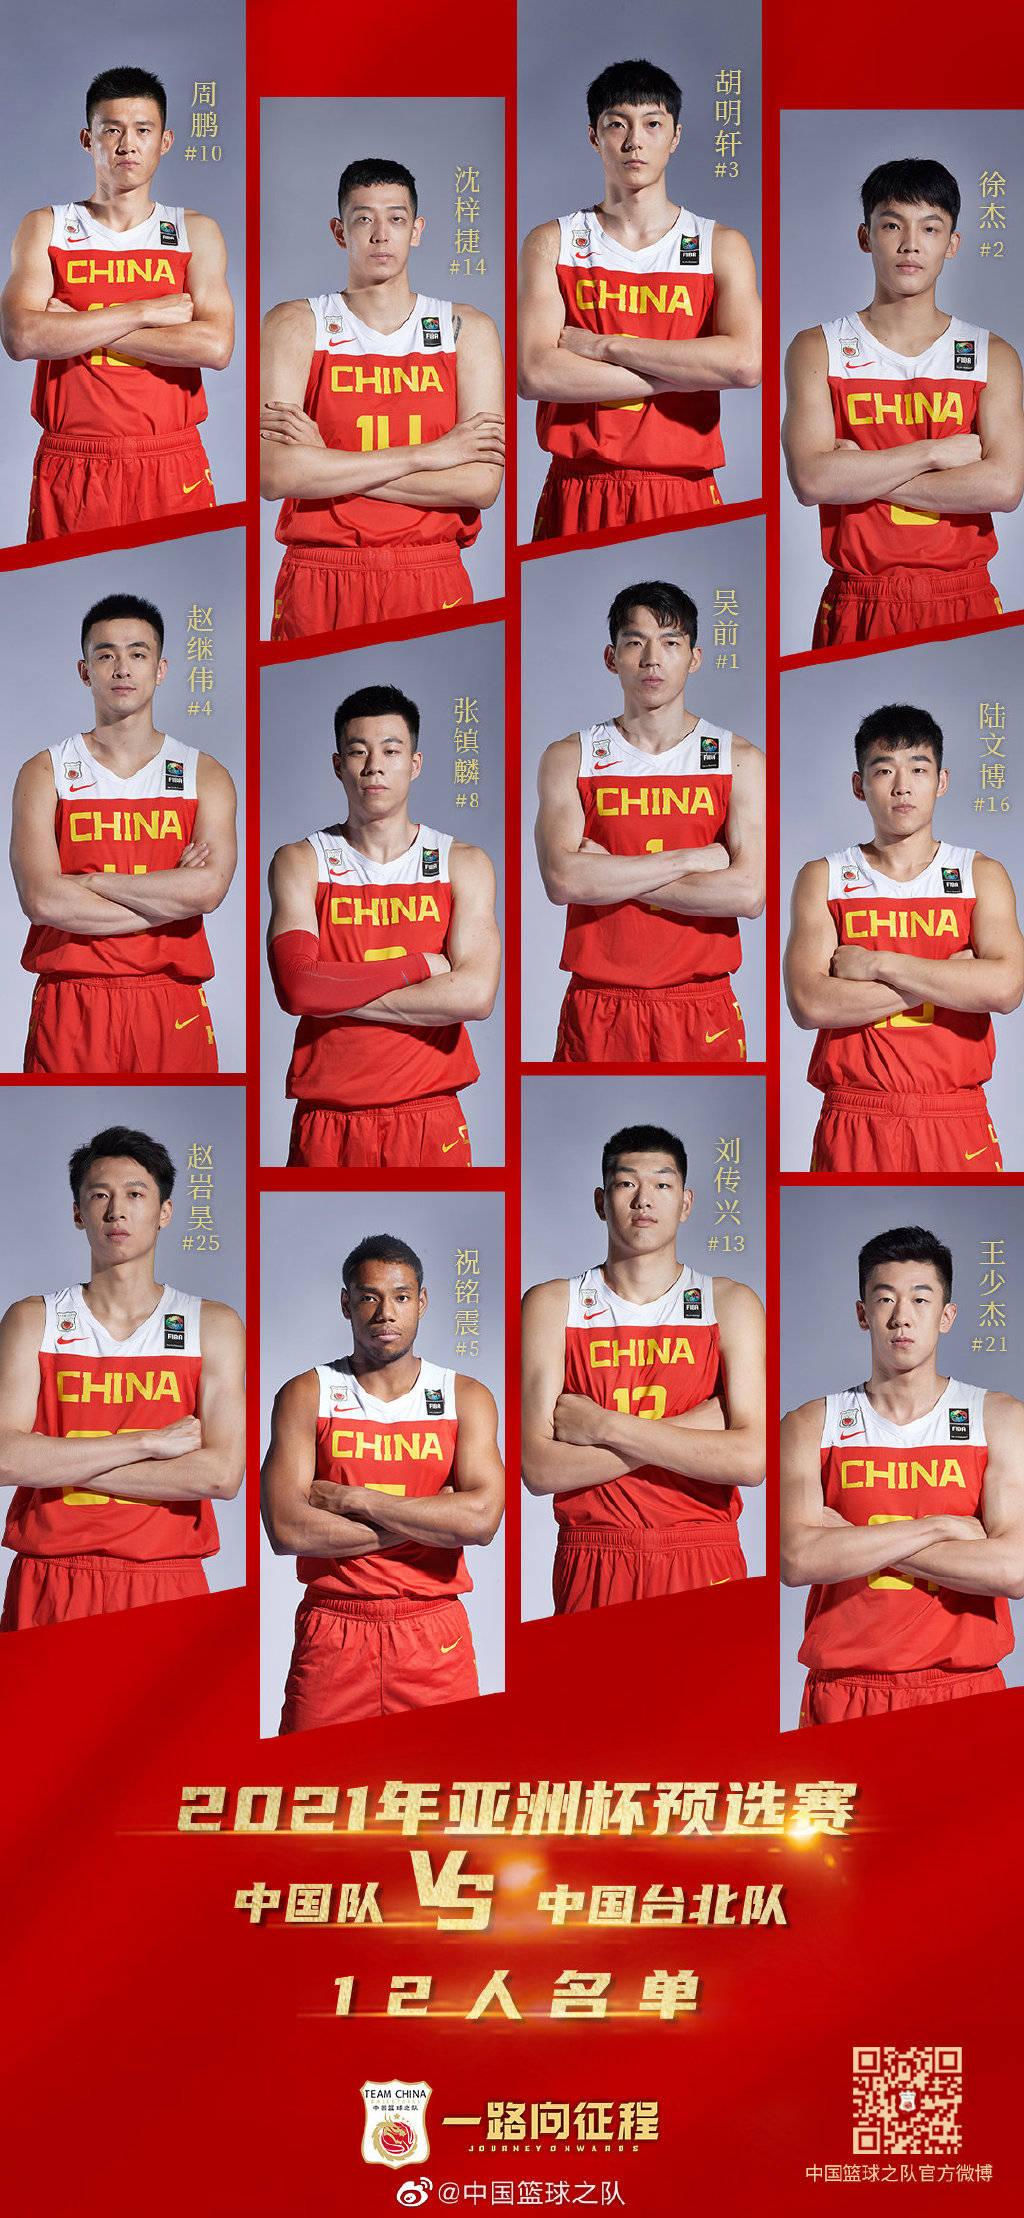 男篮再战中国台北12人公布 混血先锋入名单周琦休战